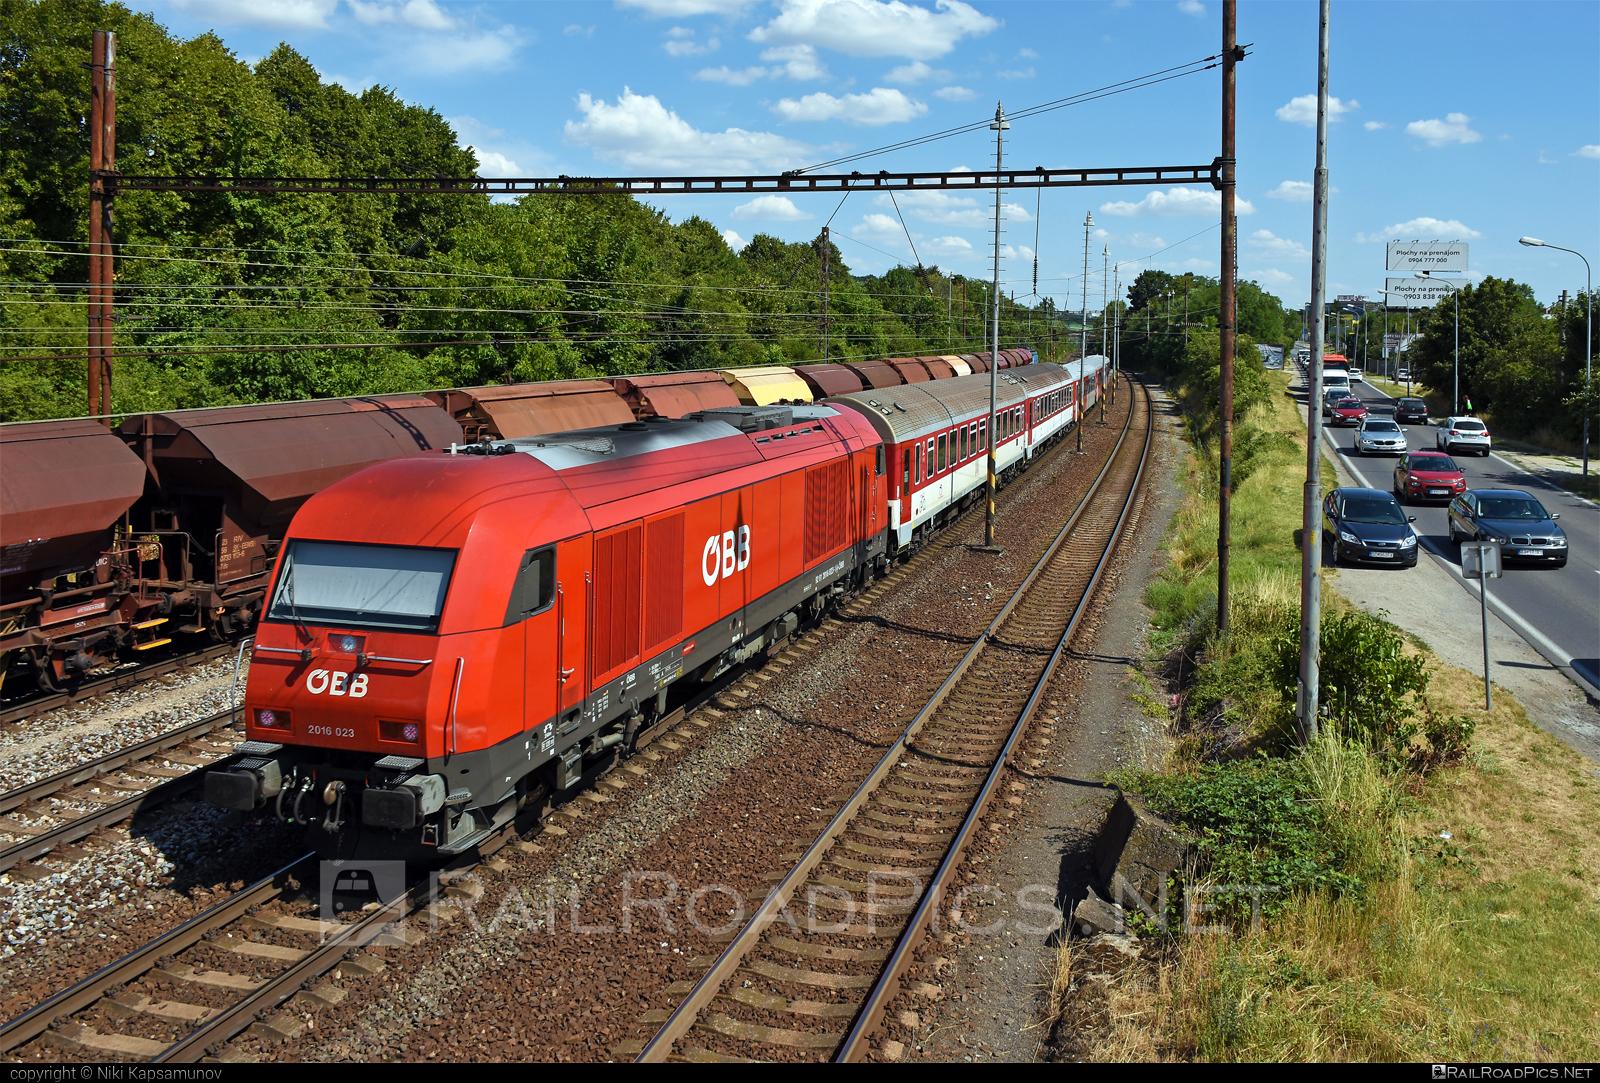 Siemens ER20 - 2016 023 operated by Österreichische Bundesbahnen #er20 #er20hercules #eurorunner #hercules #obb #osterreichischebundesbahnen #siemens #siemenser20 #siemenser20hercules #siemenseurorunner #siemenshercules